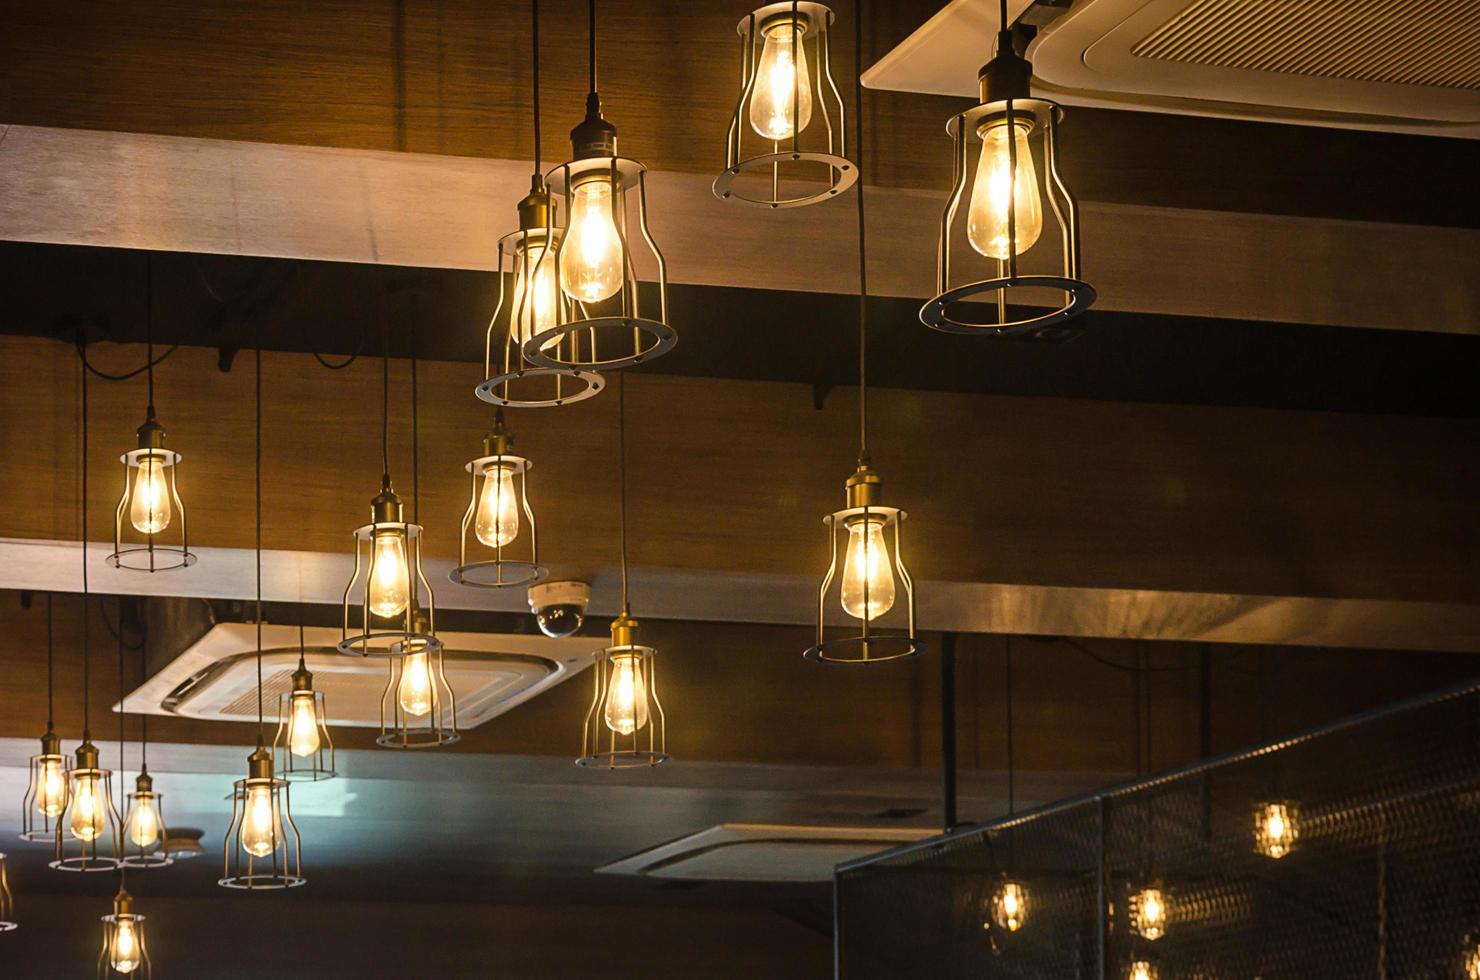 lampada di illuminazione interna di lusso vintage per la decorazione domestica foto